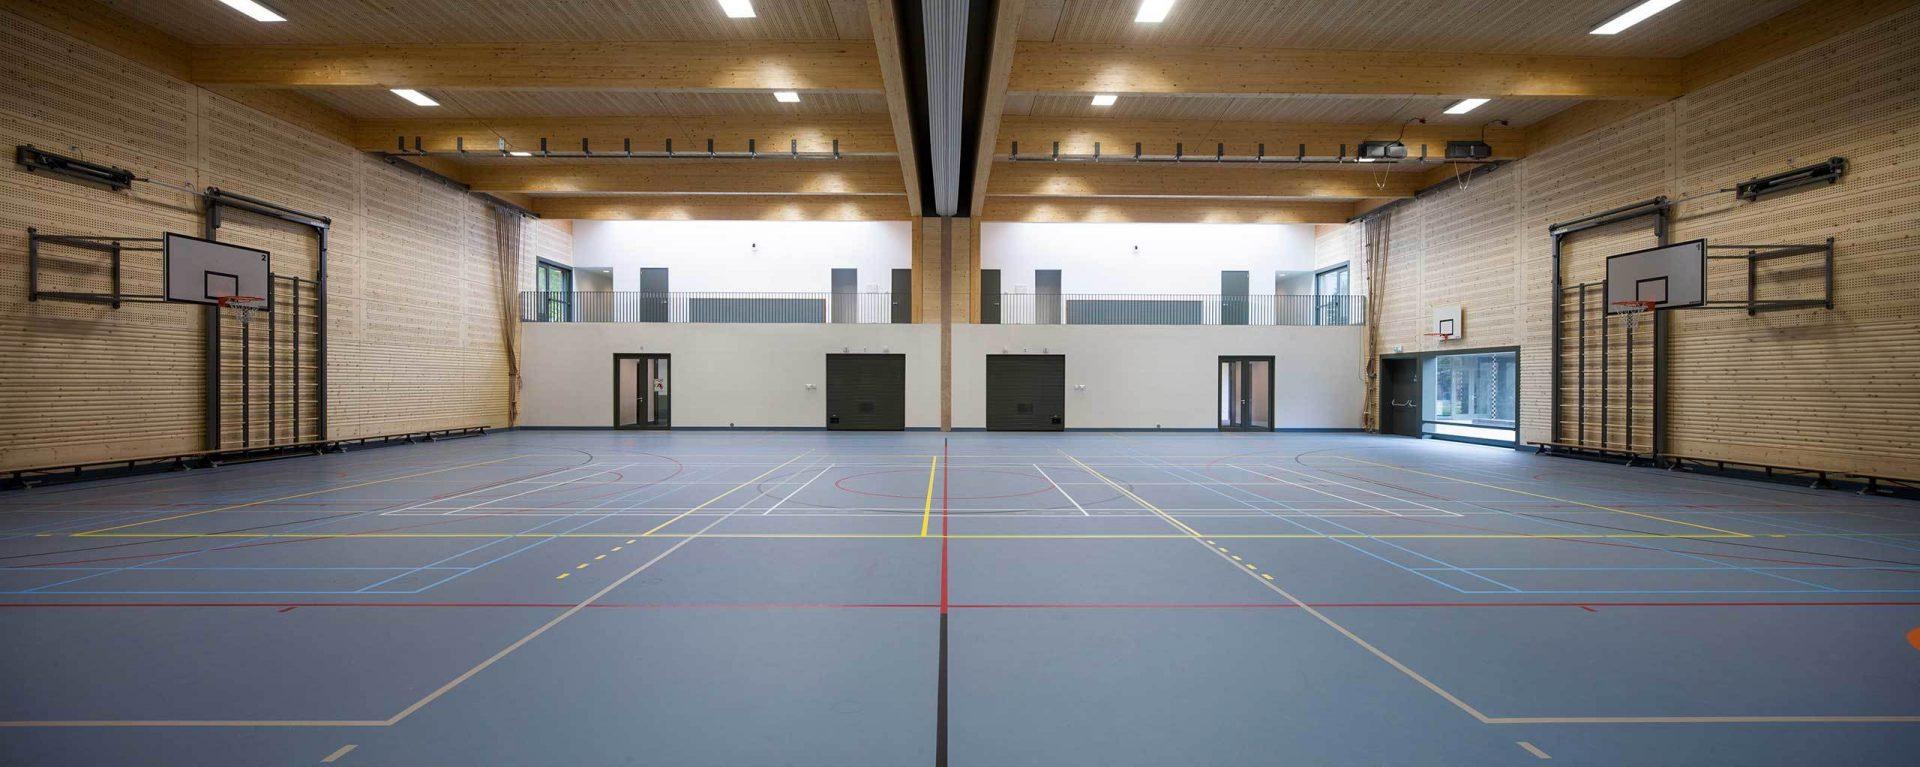 Aj Schreuderschool Gym Back